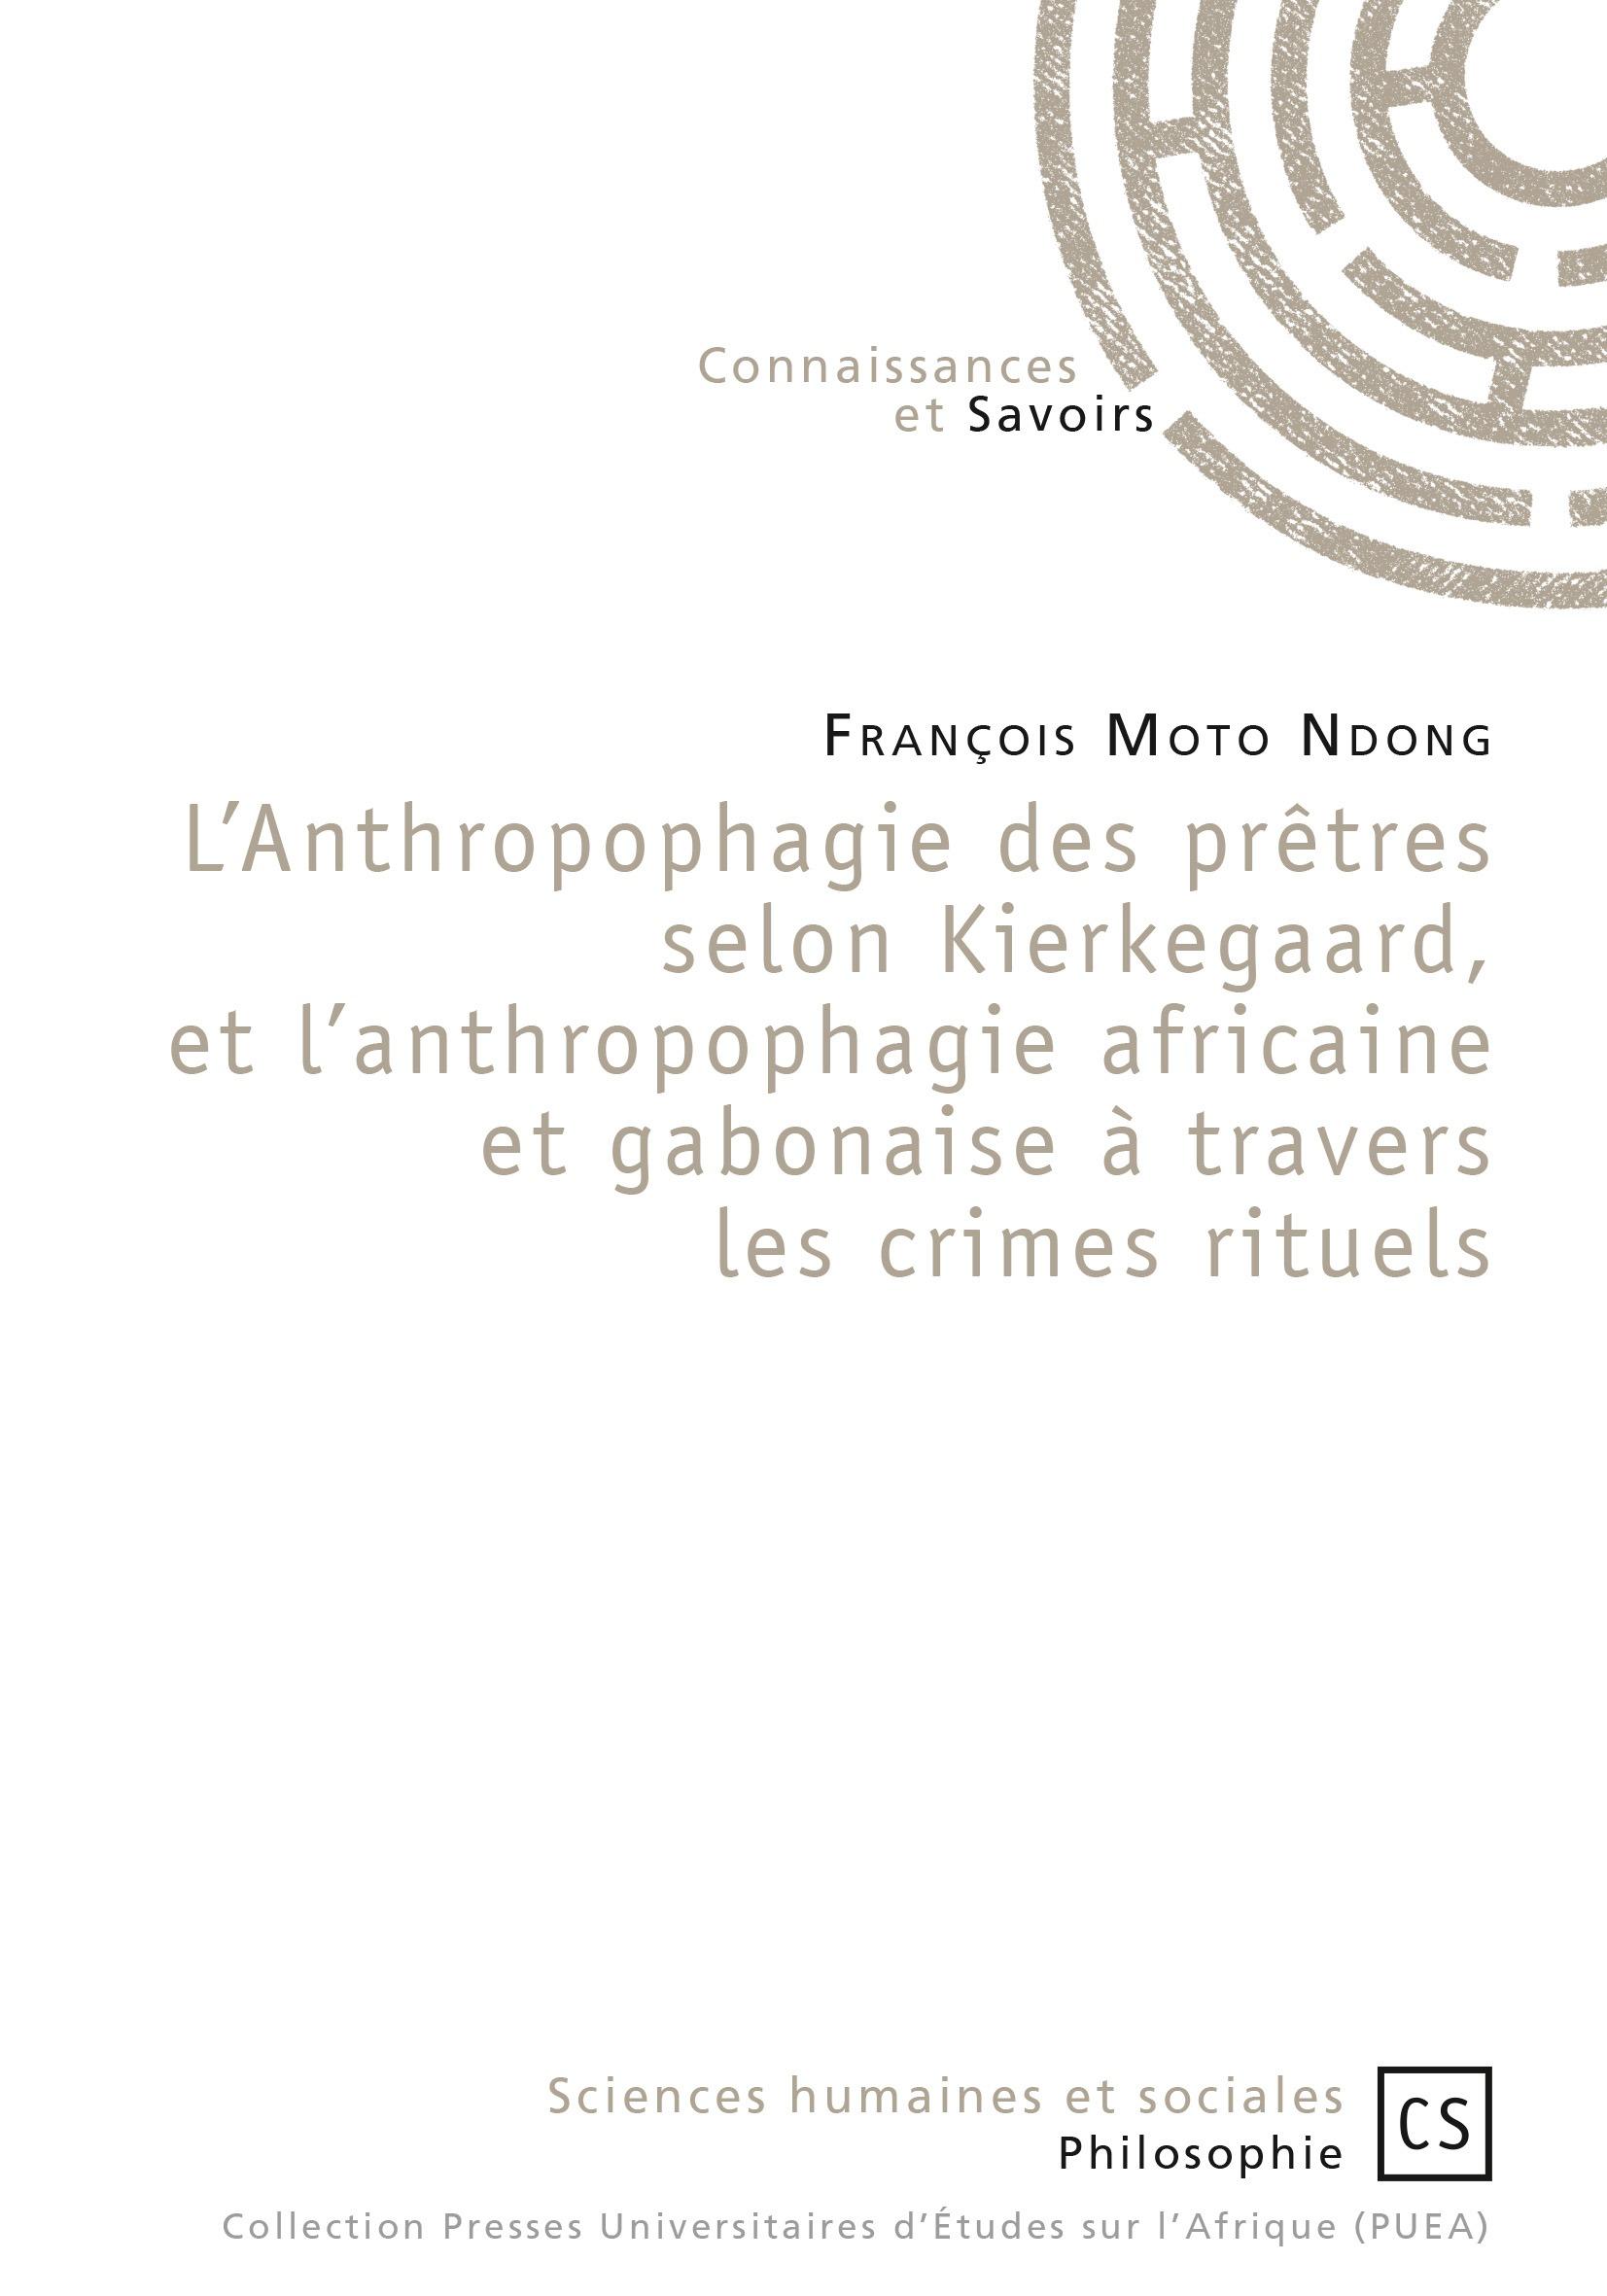 L'Anthropophagie des prêtres selon Kierkegaard, et l'anthropophagie africaine et gabonaise à travers